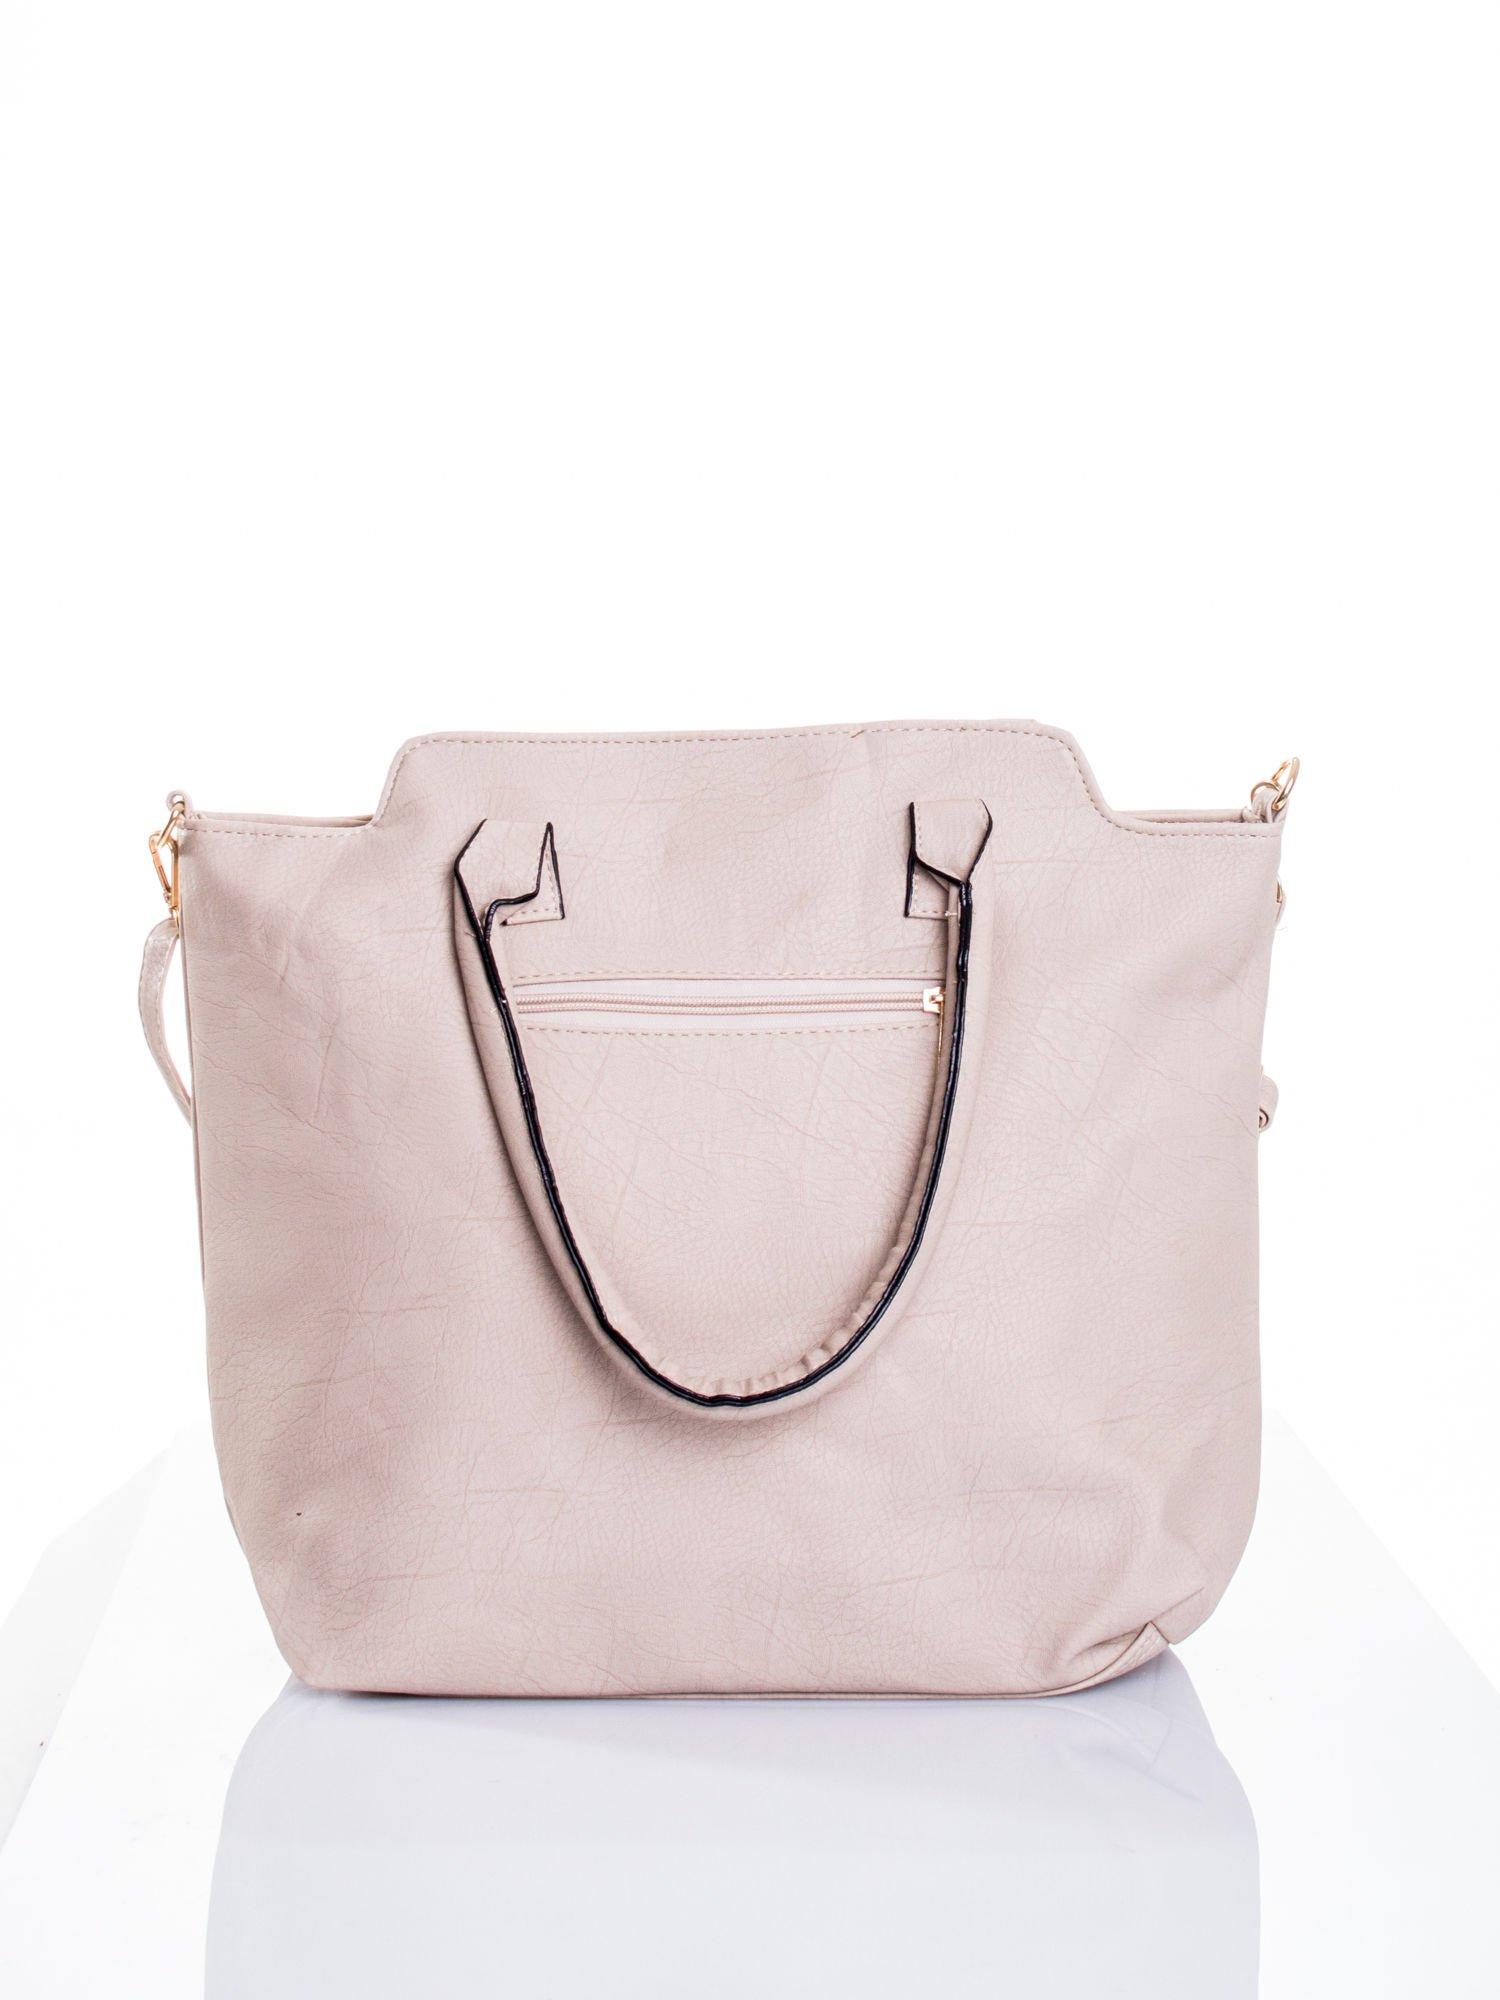 Jasnobeżowa torba shopper bag                                  zdj.                                  3